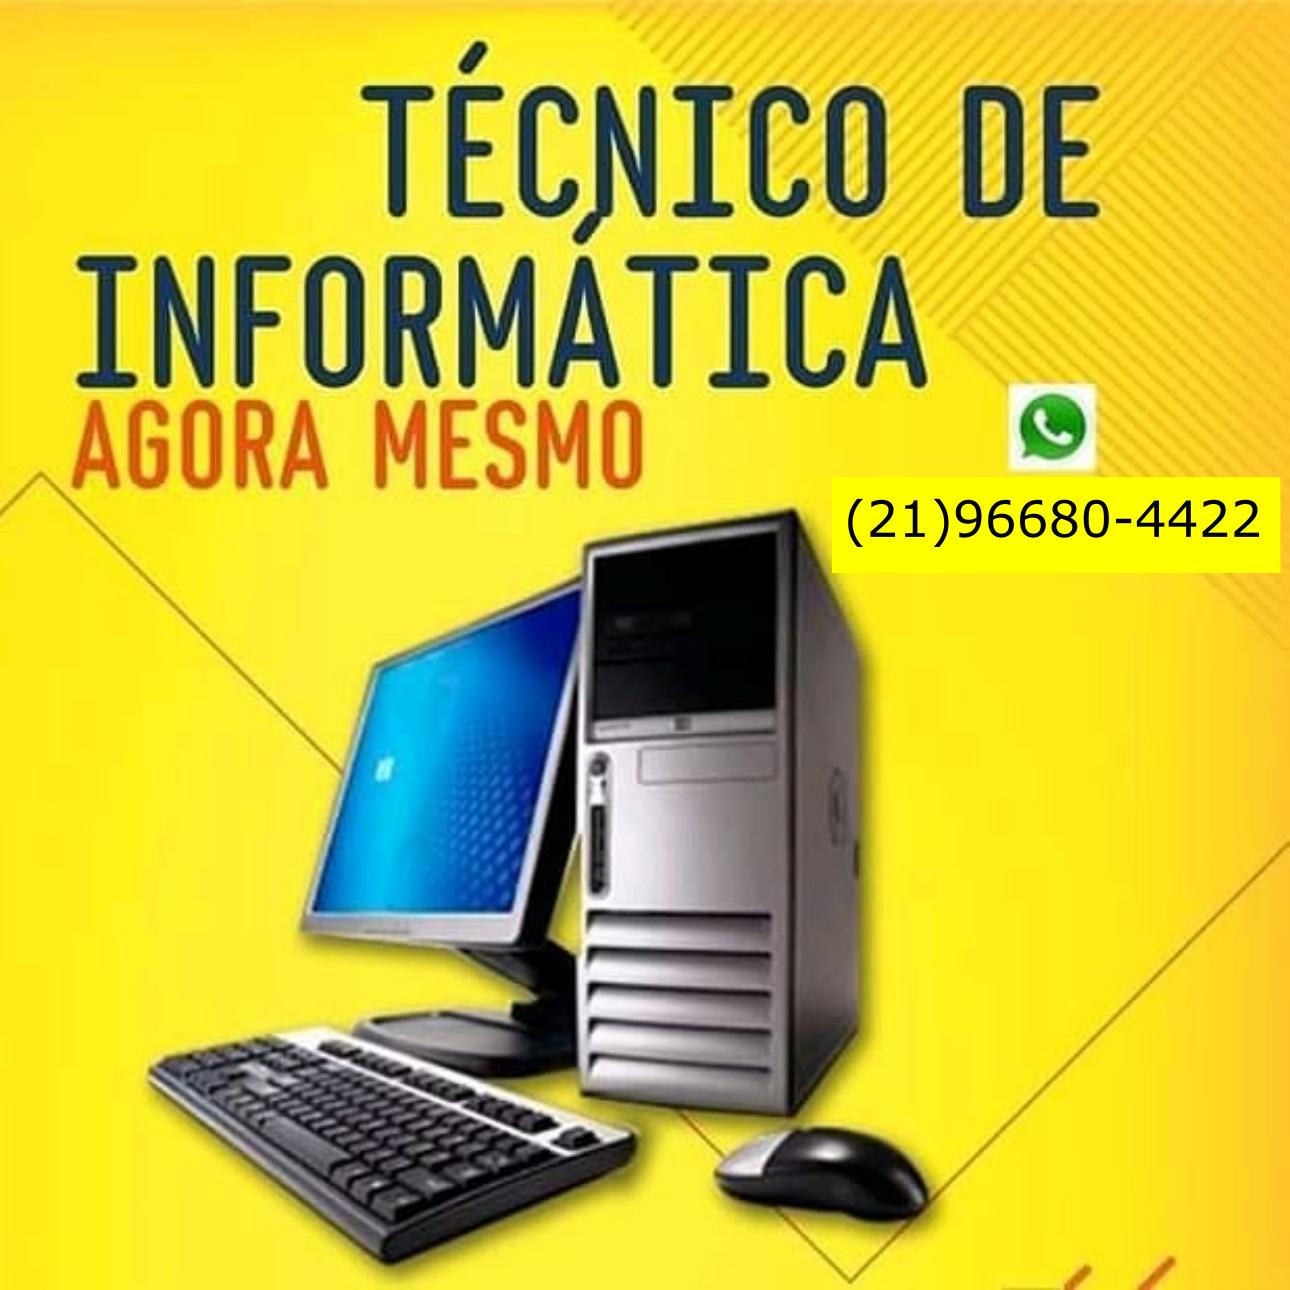 RDM TECNOLOGIA E SERVIÇOS